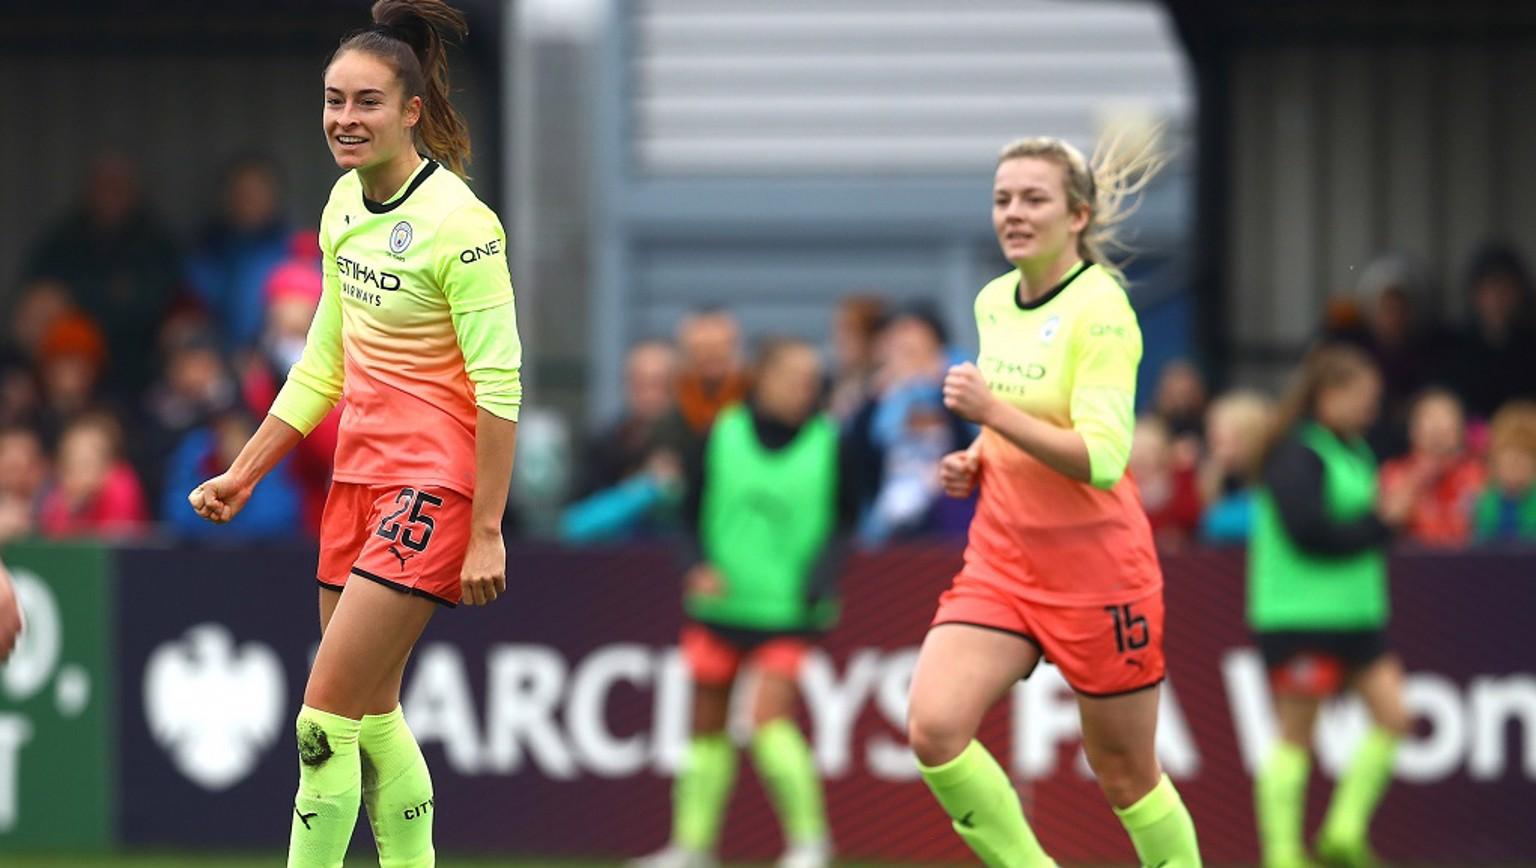 Free-scoring City hit five at Bristol